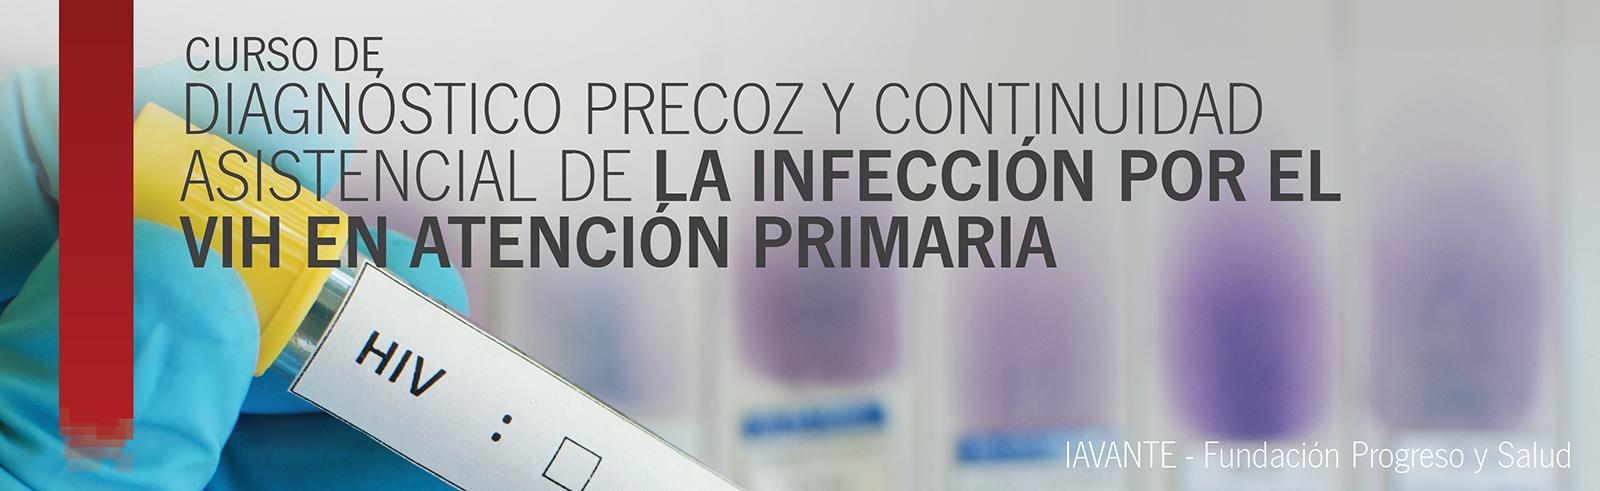 Diagnóstico precoz y continuidad asistencial de la infección por el VIH en Atención Primaria